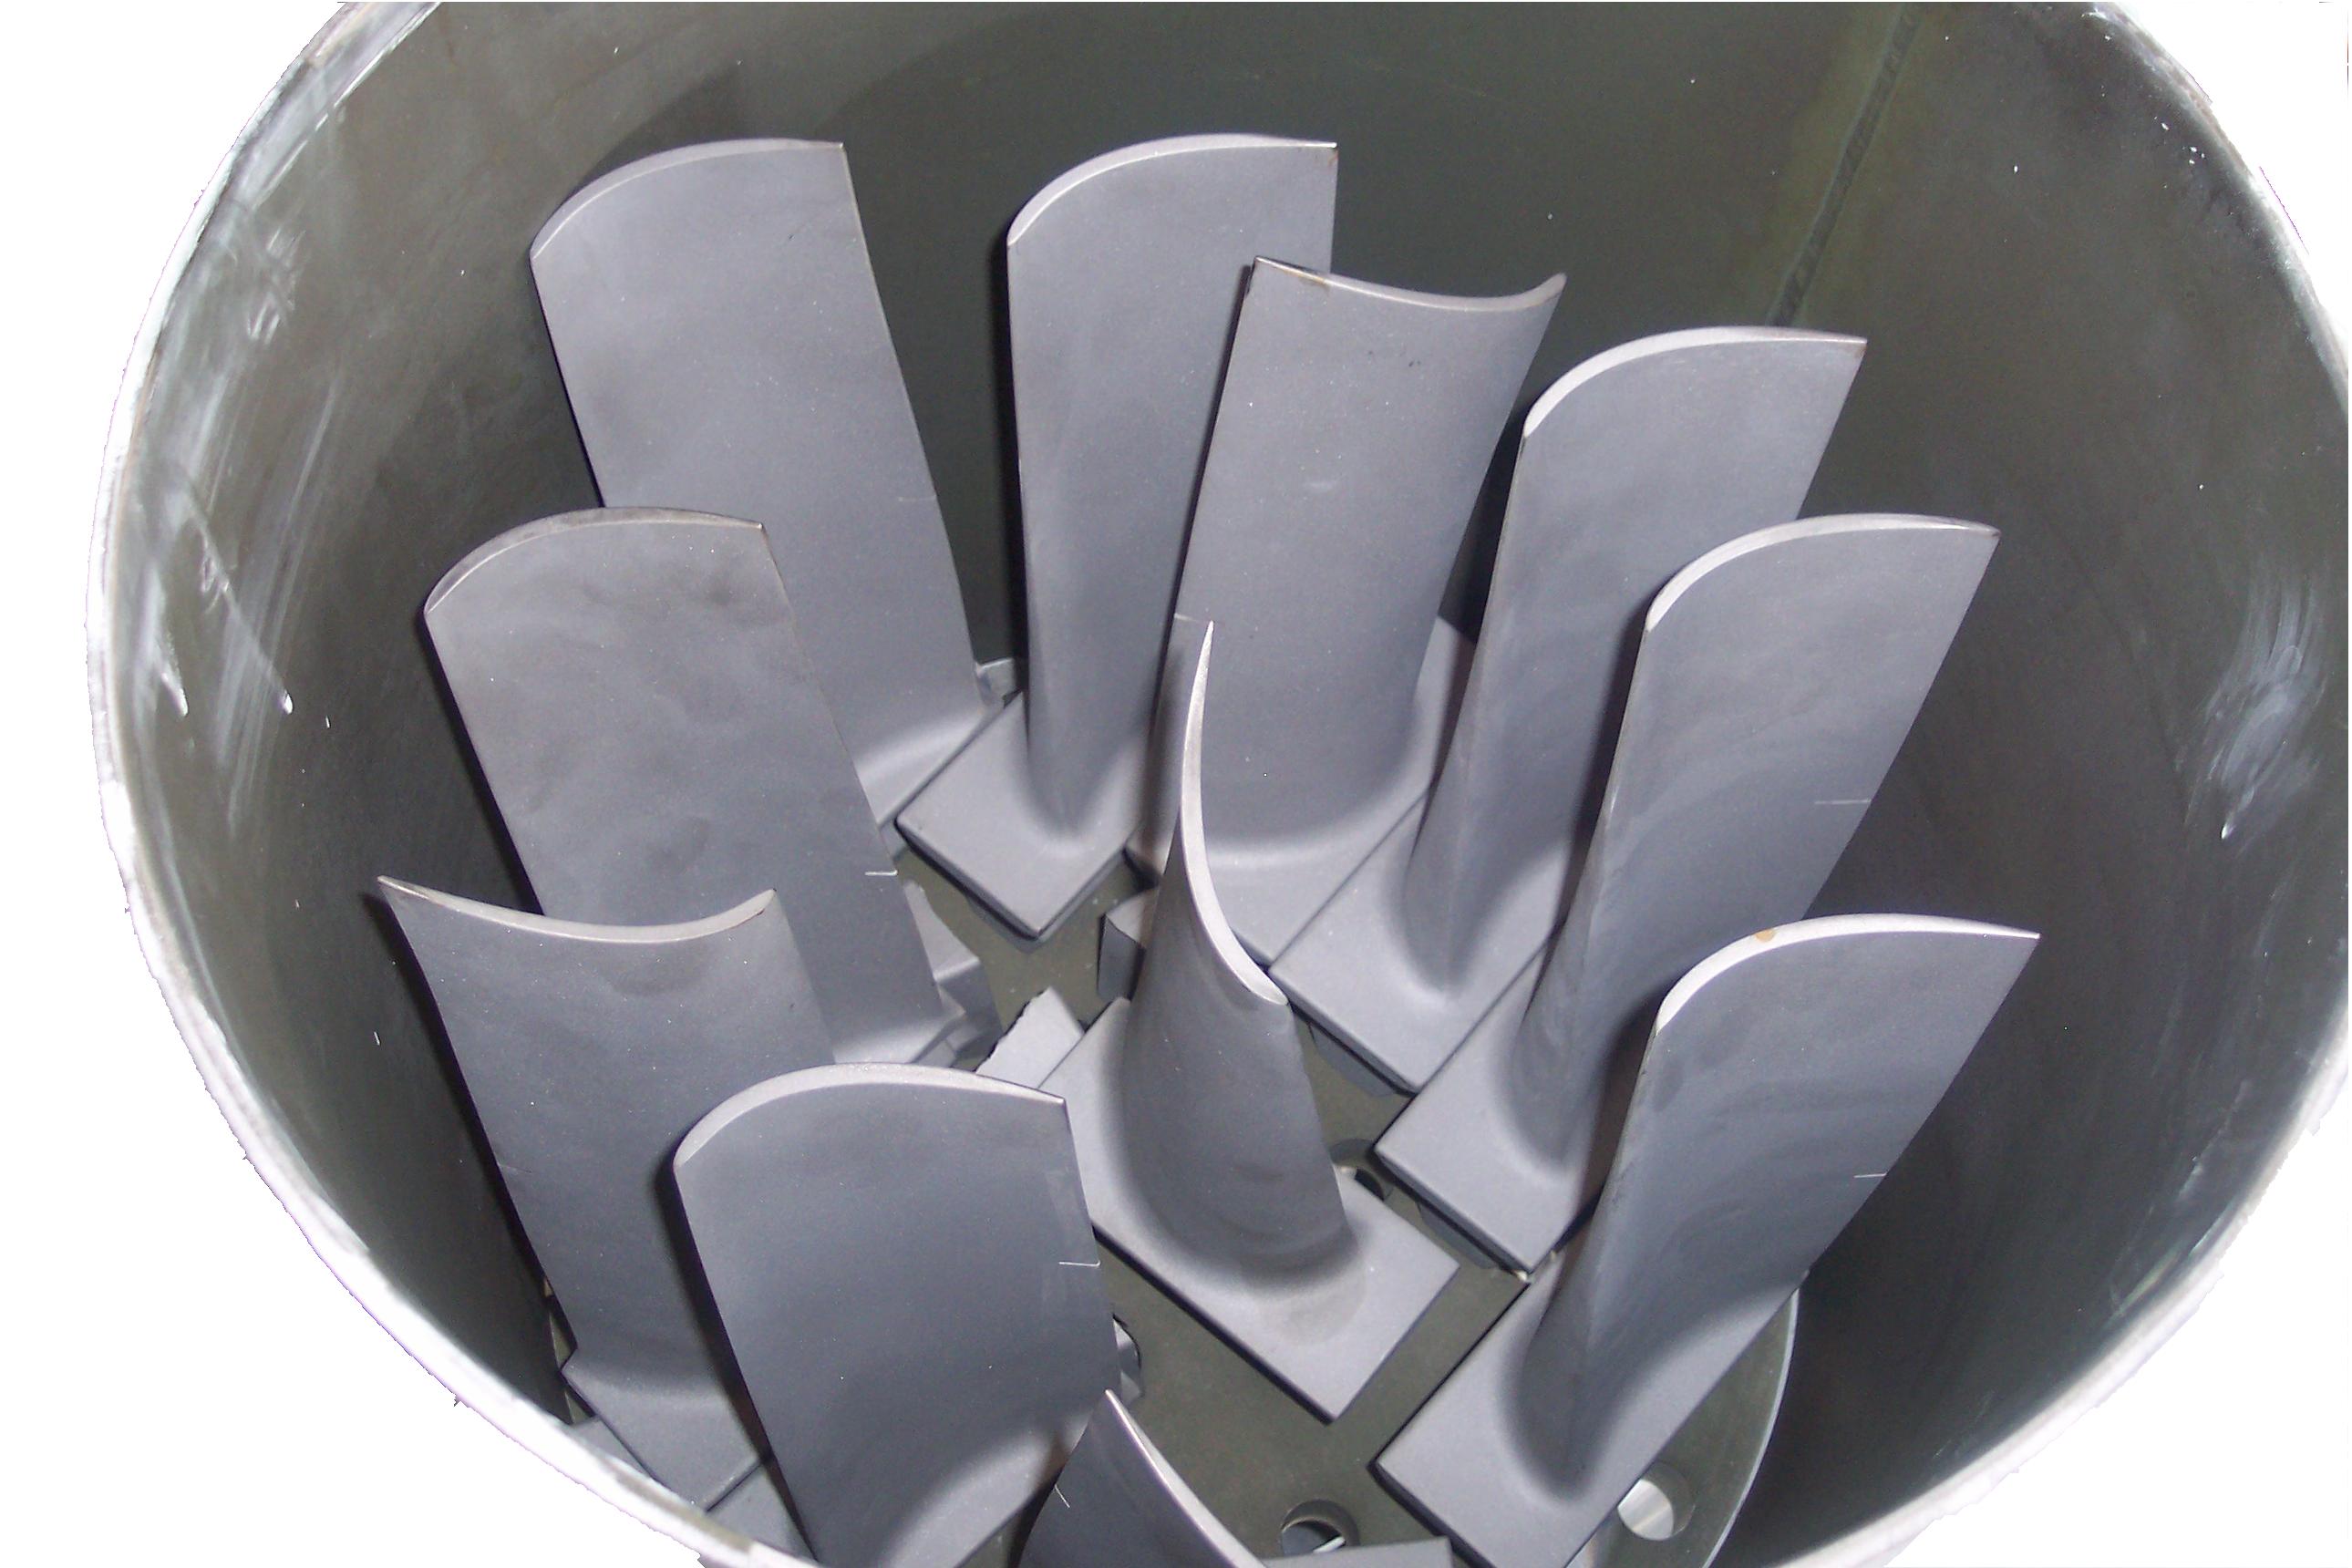 fan-blades